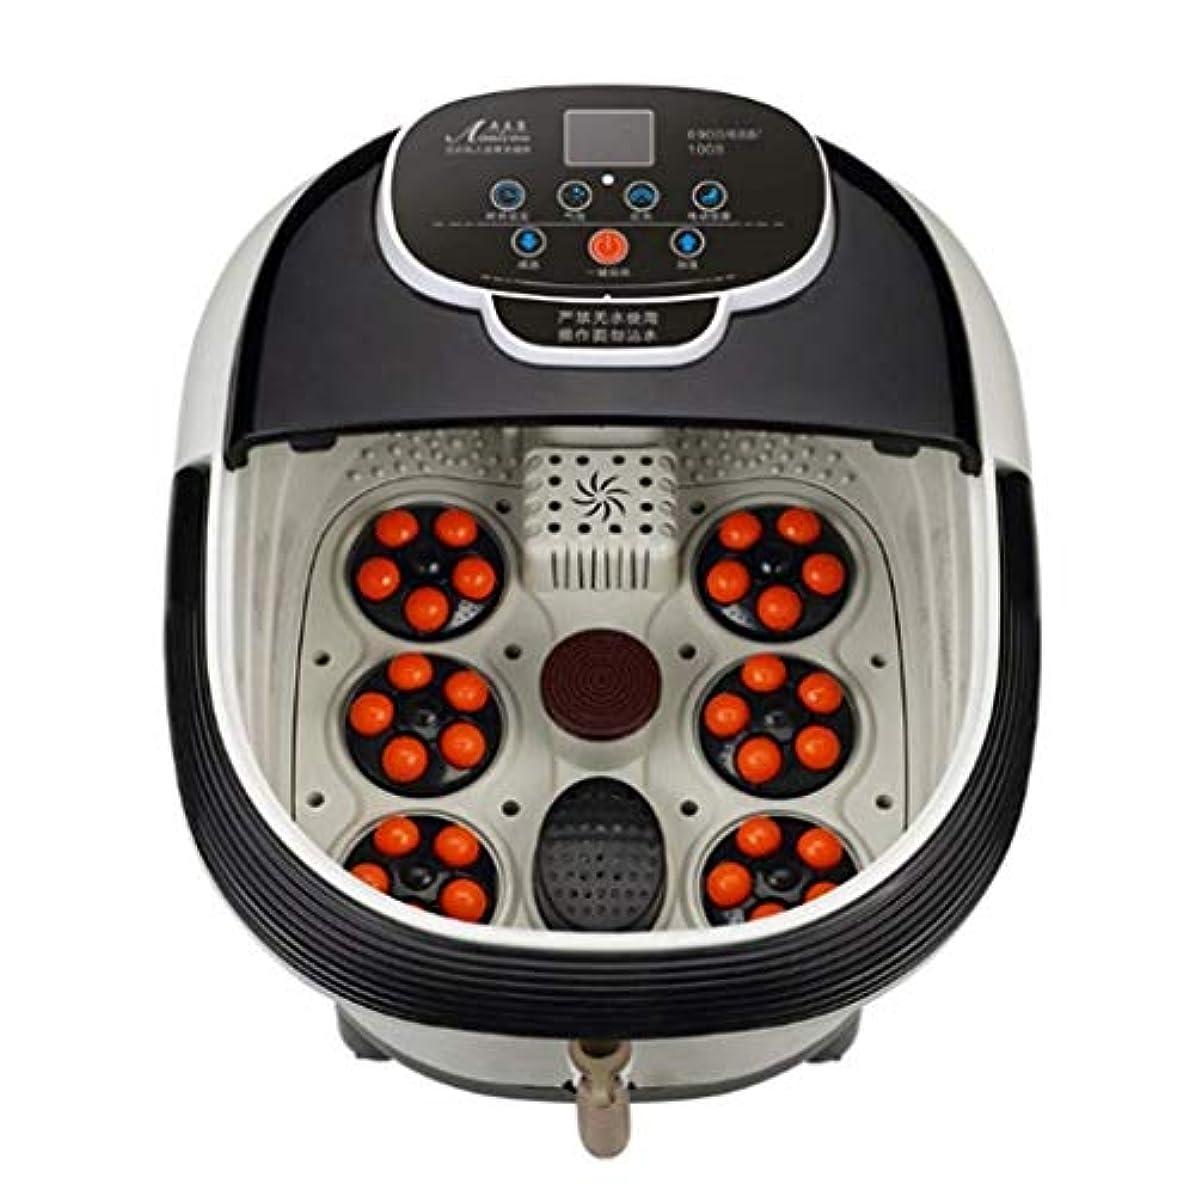 ケーブル対称セント電動フットマッサージベイスン、フットバスバレル、フットバススパマッサージャー、痛みの緩和/睡眠の促進、ホームオフィスでの使用